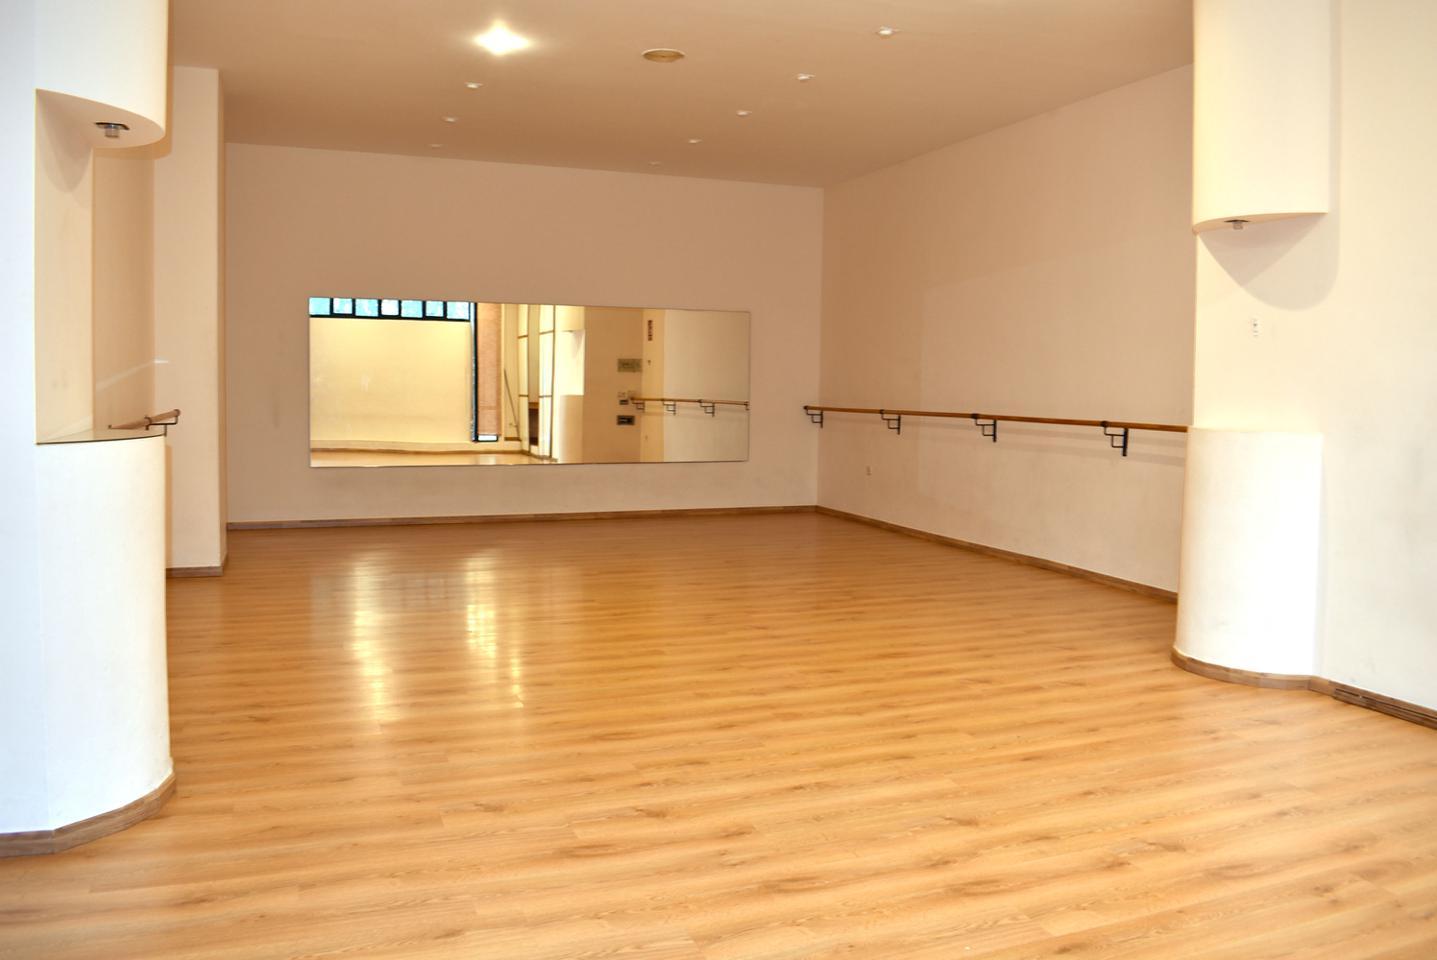 Local en alquiler en Logroño de 95 m2. Ref: AL0154